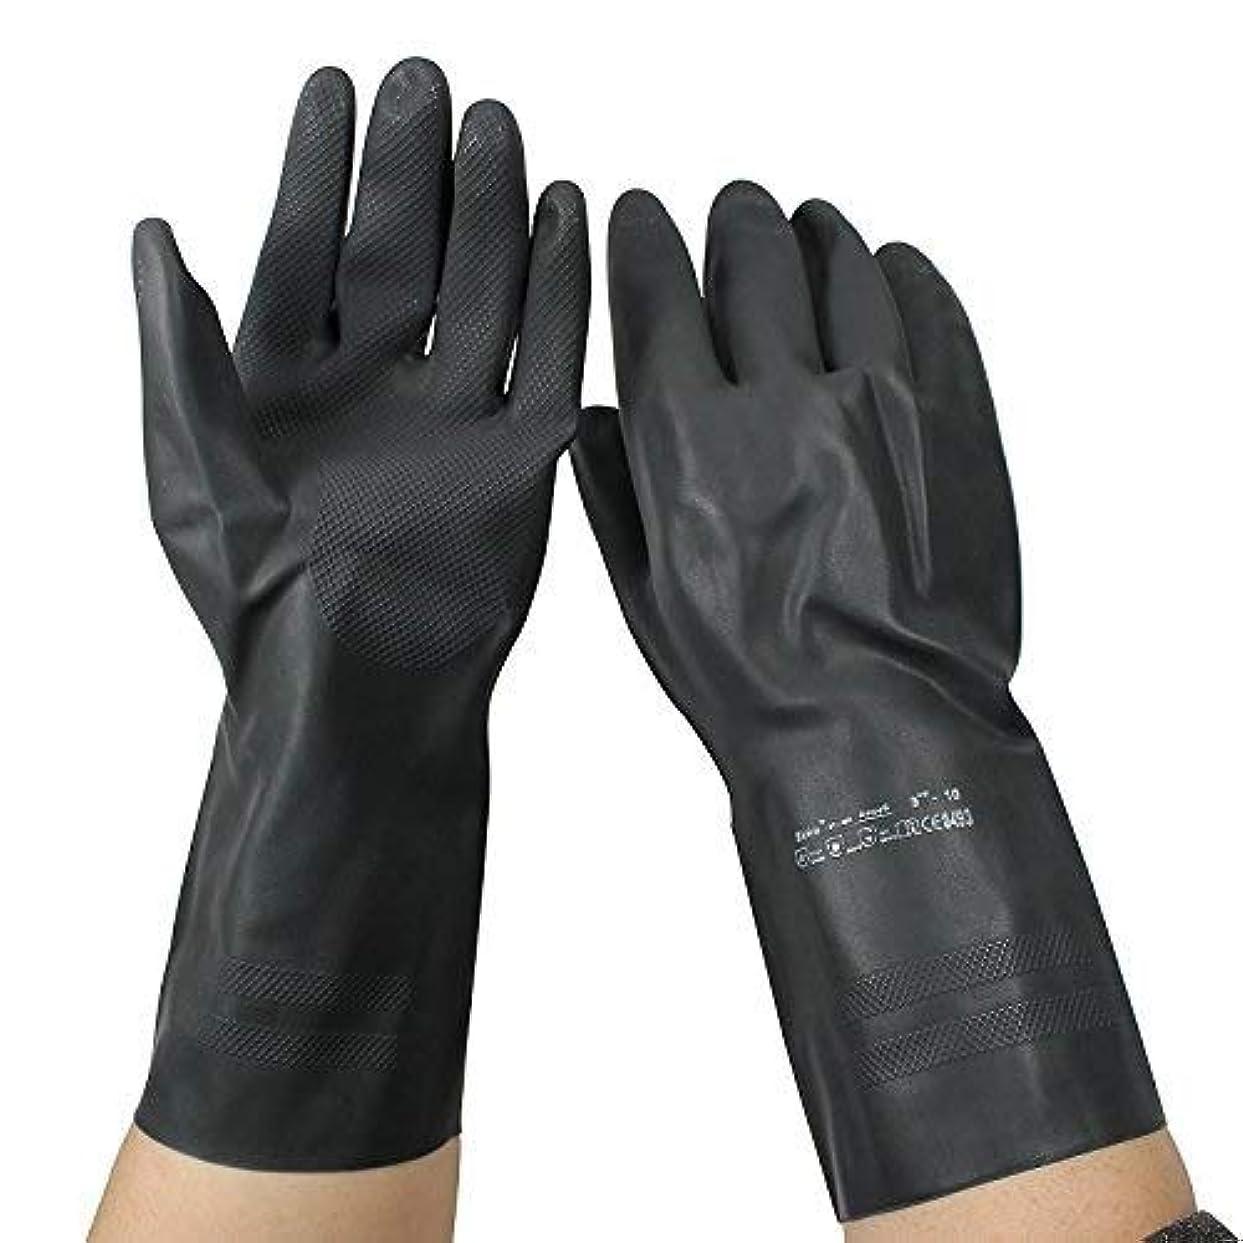 記念ズームインする植生FJFSC ゴム手袋/溶接断熱労働保護手袋